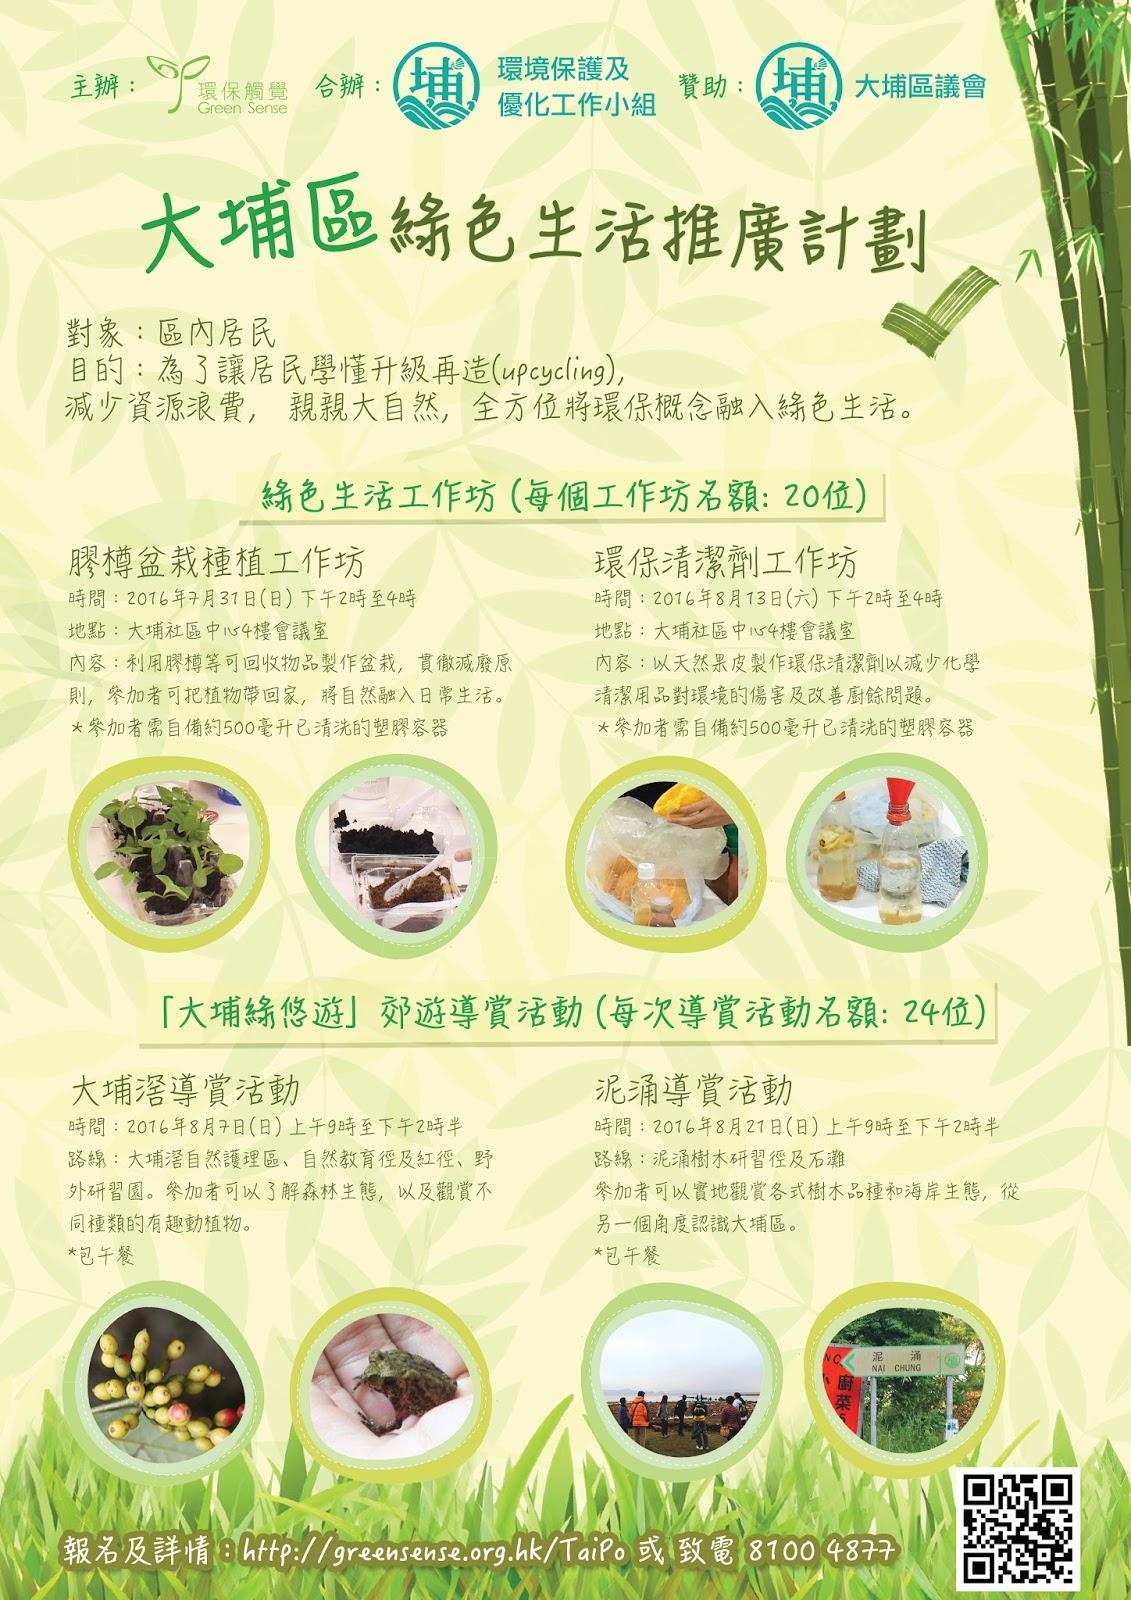 過往活動:大埔區綠色生活推廣計劃